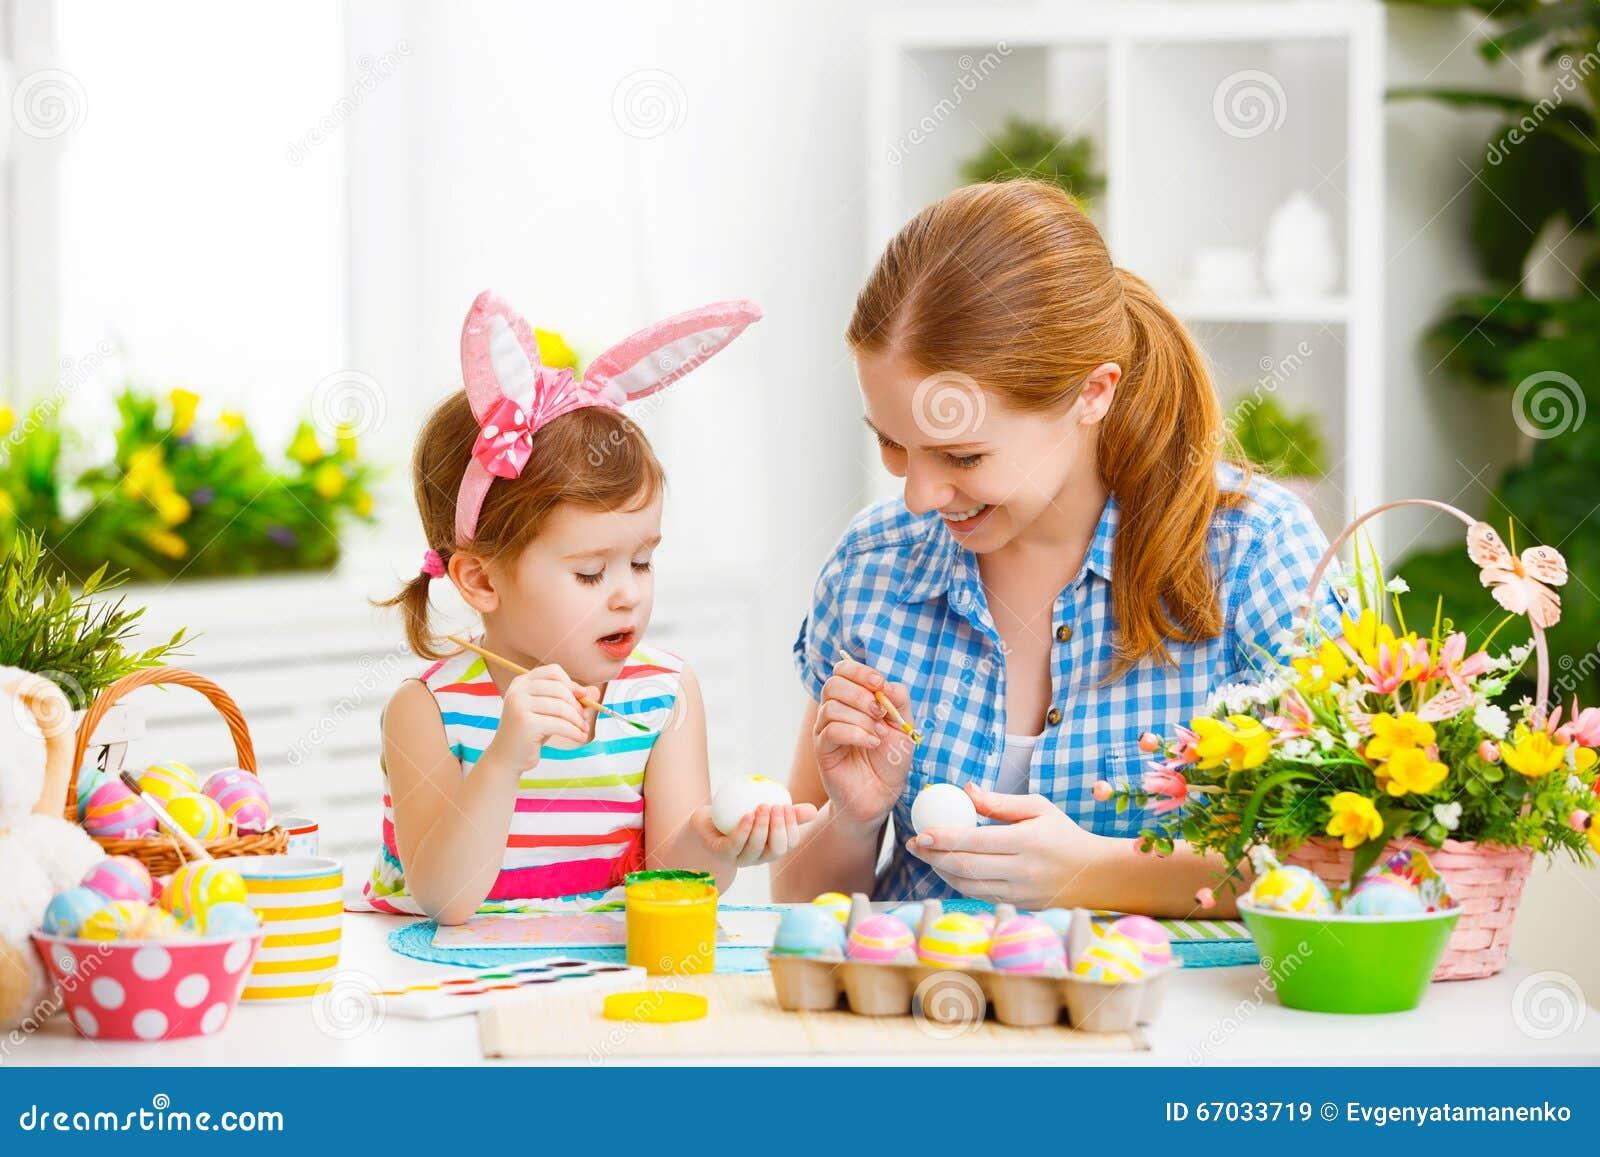 Ευτυχή αυγά χρωμάτων κοριτσιών οικογενειακών μητέρων και παιδιών για Πάσχα